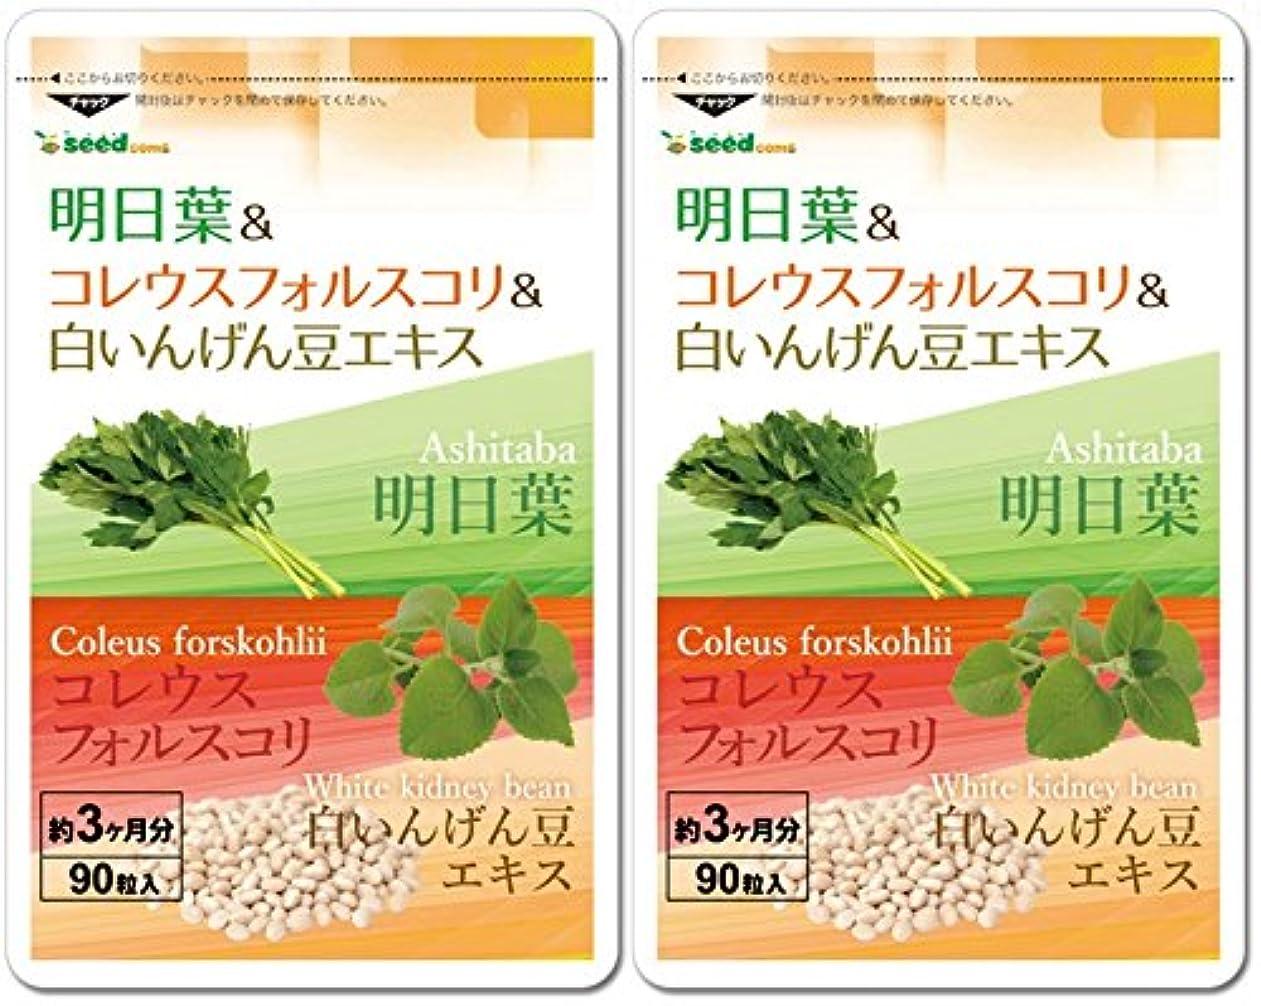 アボートケープクリエイティブ明日葉&コレウスフォルスコリ&白いんげん豆エキス (約6ヶ月分/180粒) スッキリ&燃焼系&糖質バリアの3大ダイエット成分